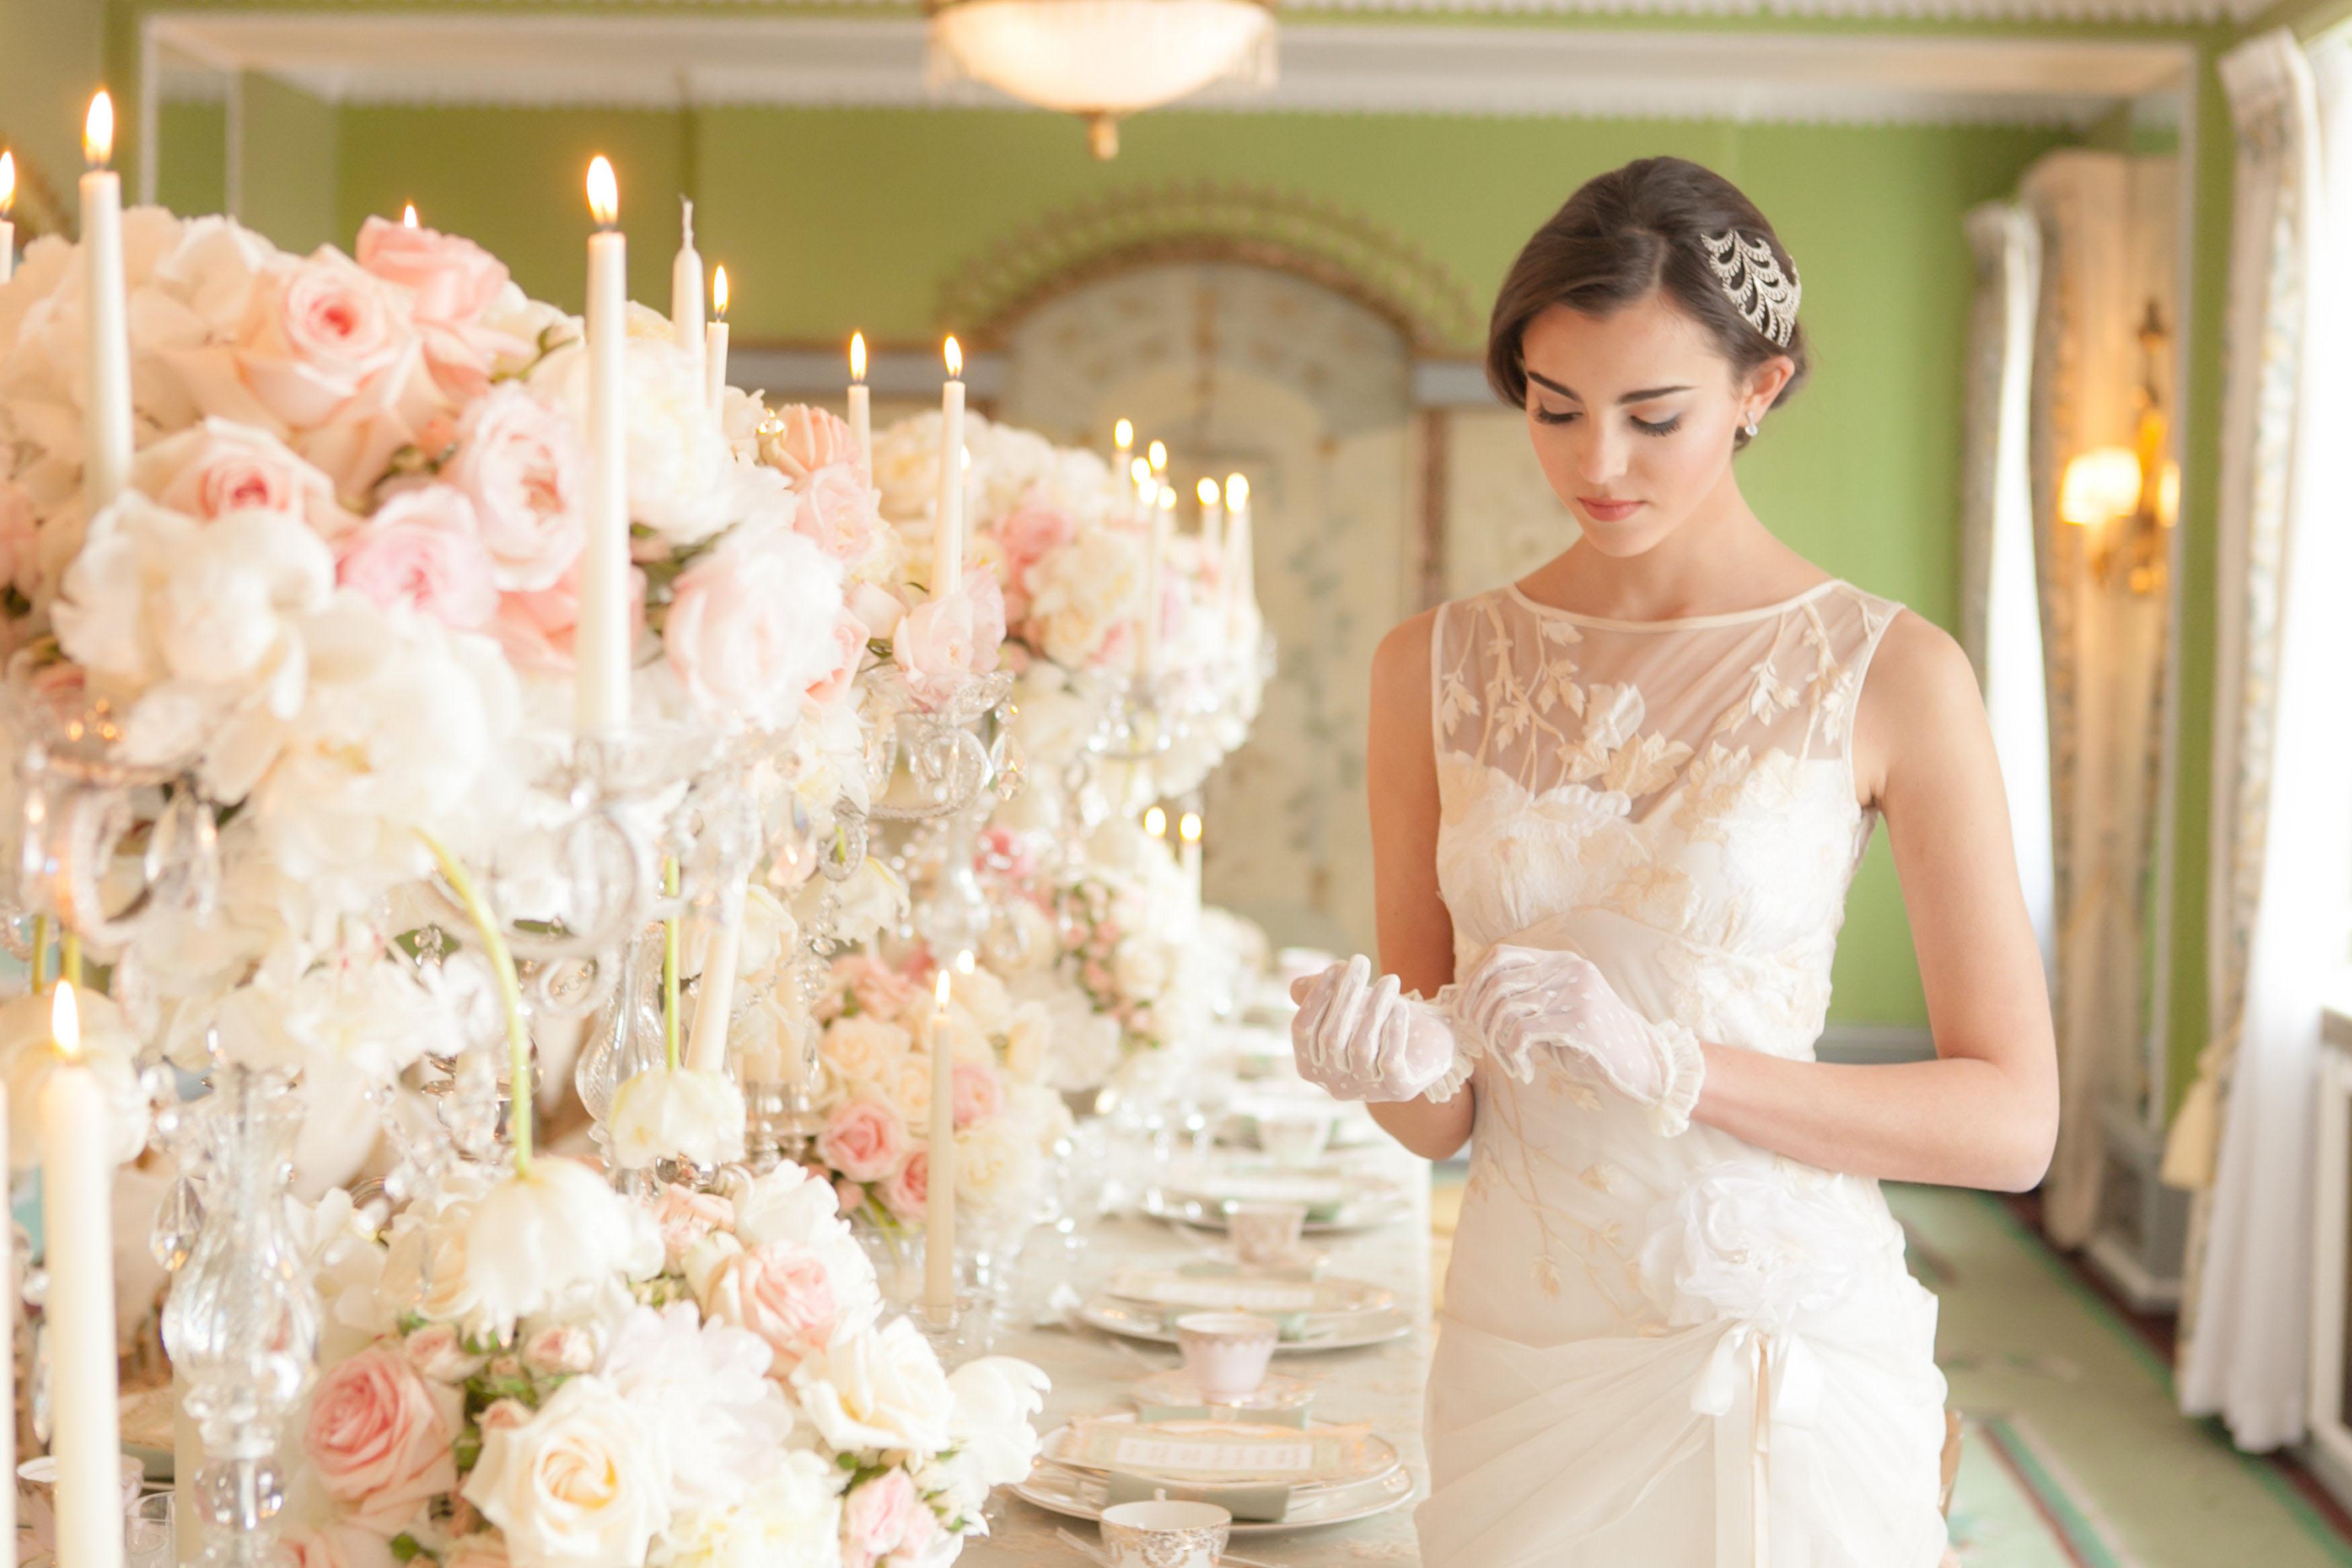 انتهاء مراسم الزفاف